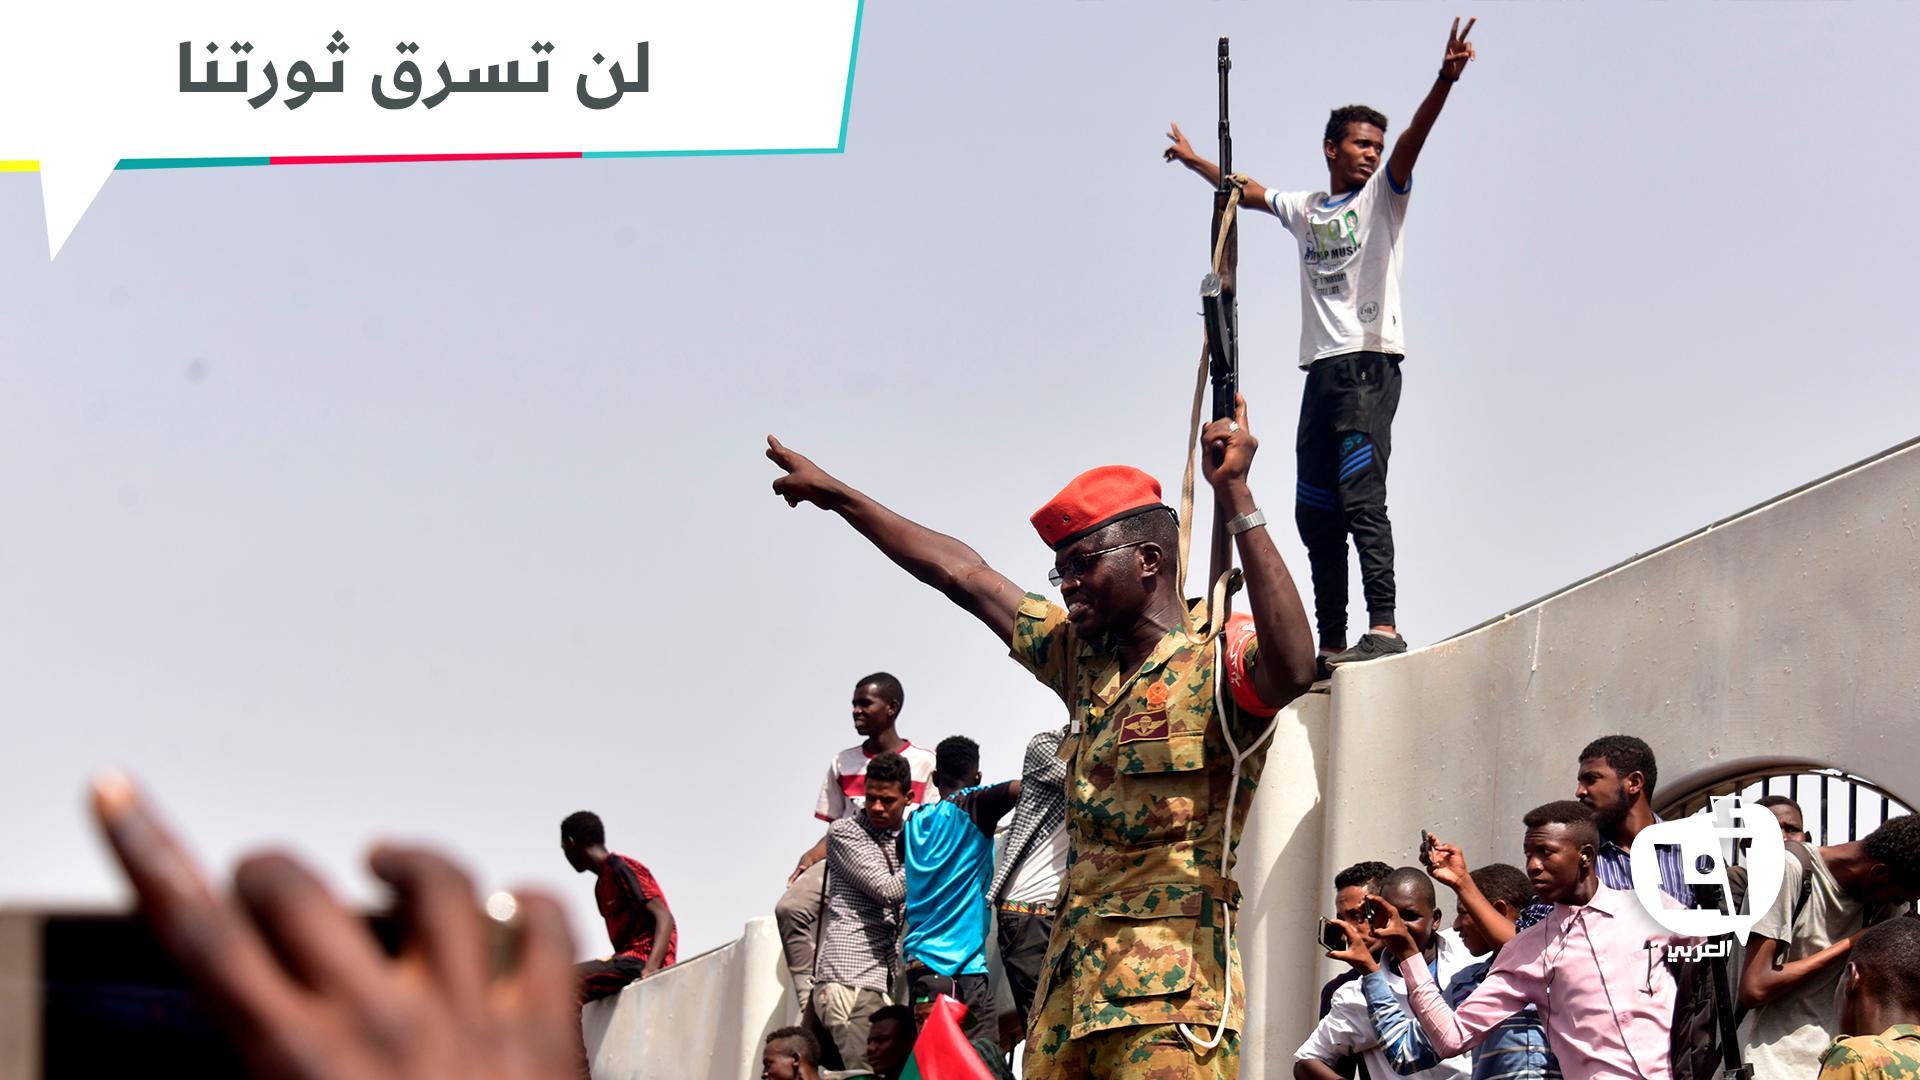 تصعيد ثوري في السودان